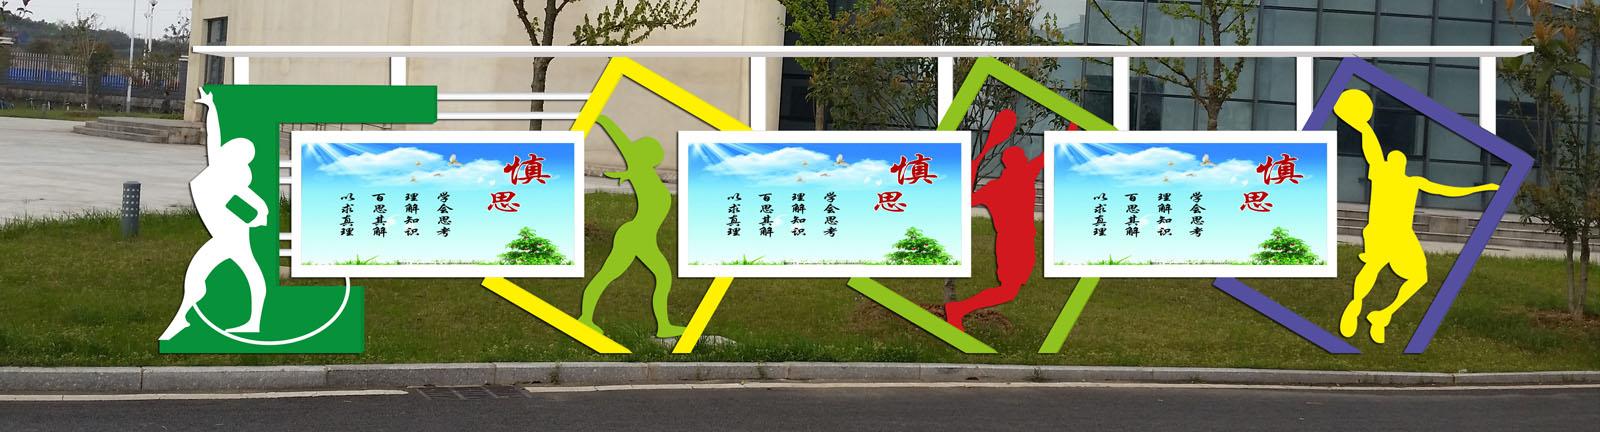 重庆公交候车亭